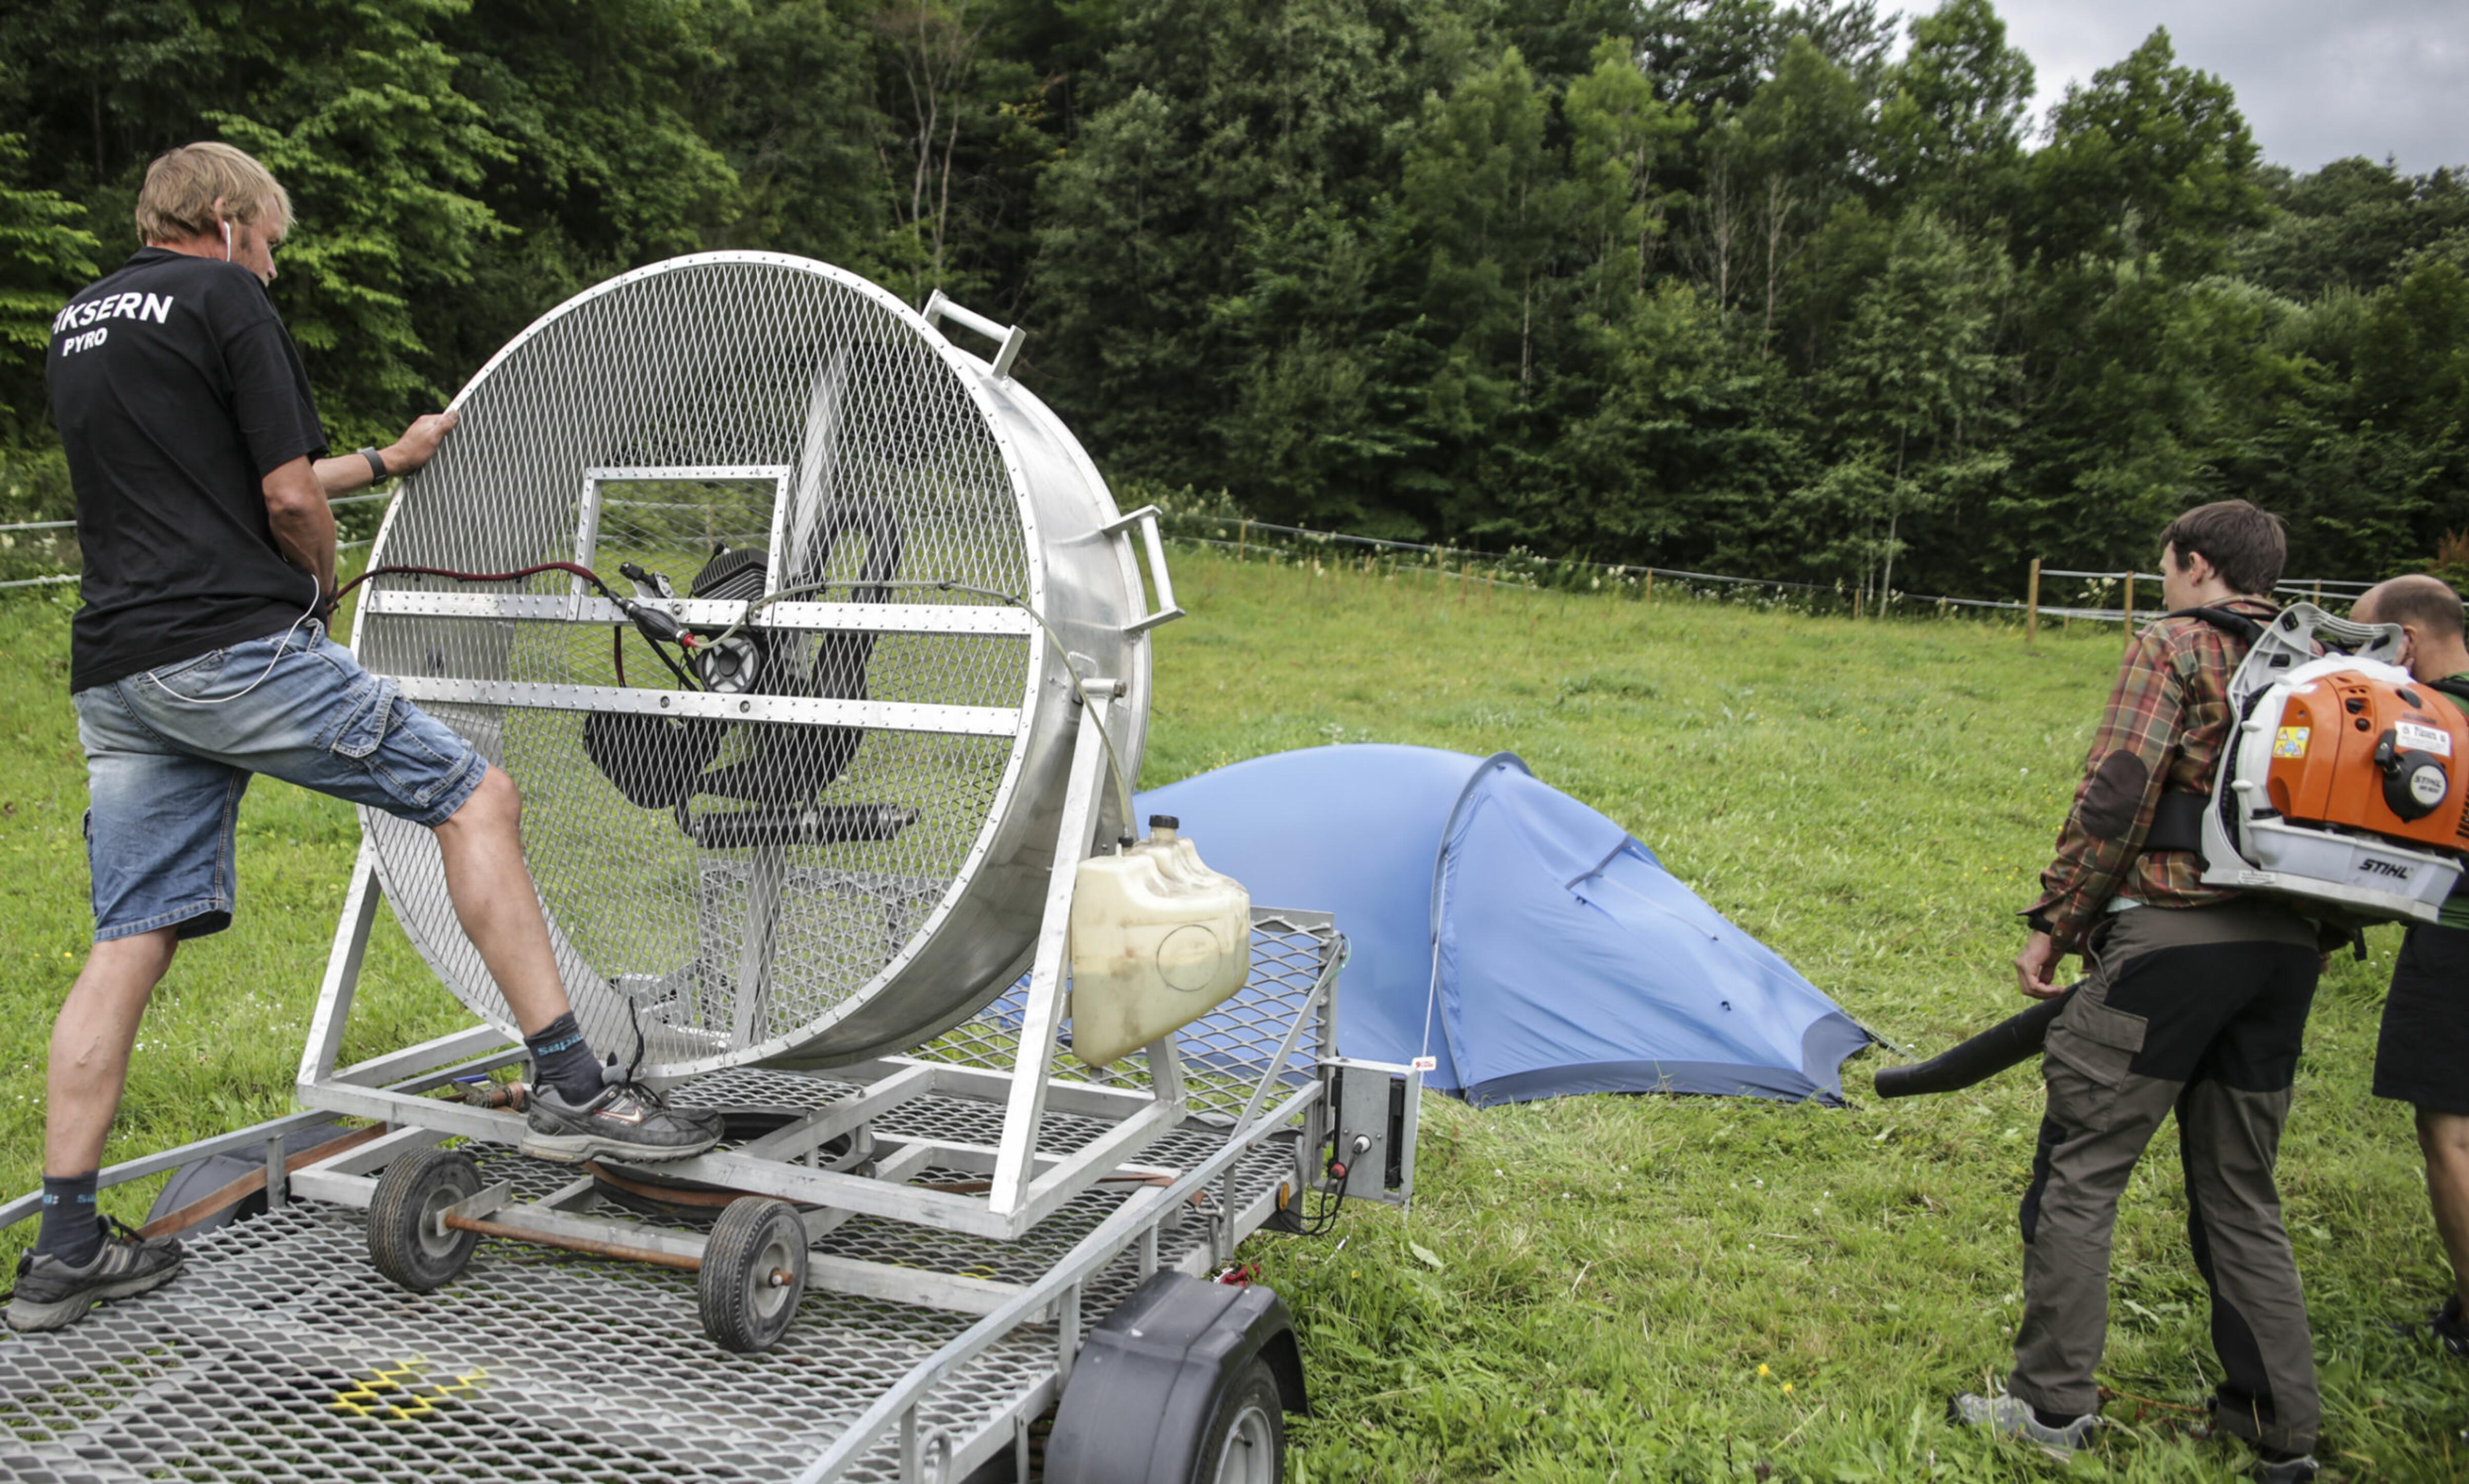 Mye vind: For å teste hvor vindstabile teltene var brukte vi vindmaskin og løvblåsere. Foto: Øivind Lie-Jacobsen